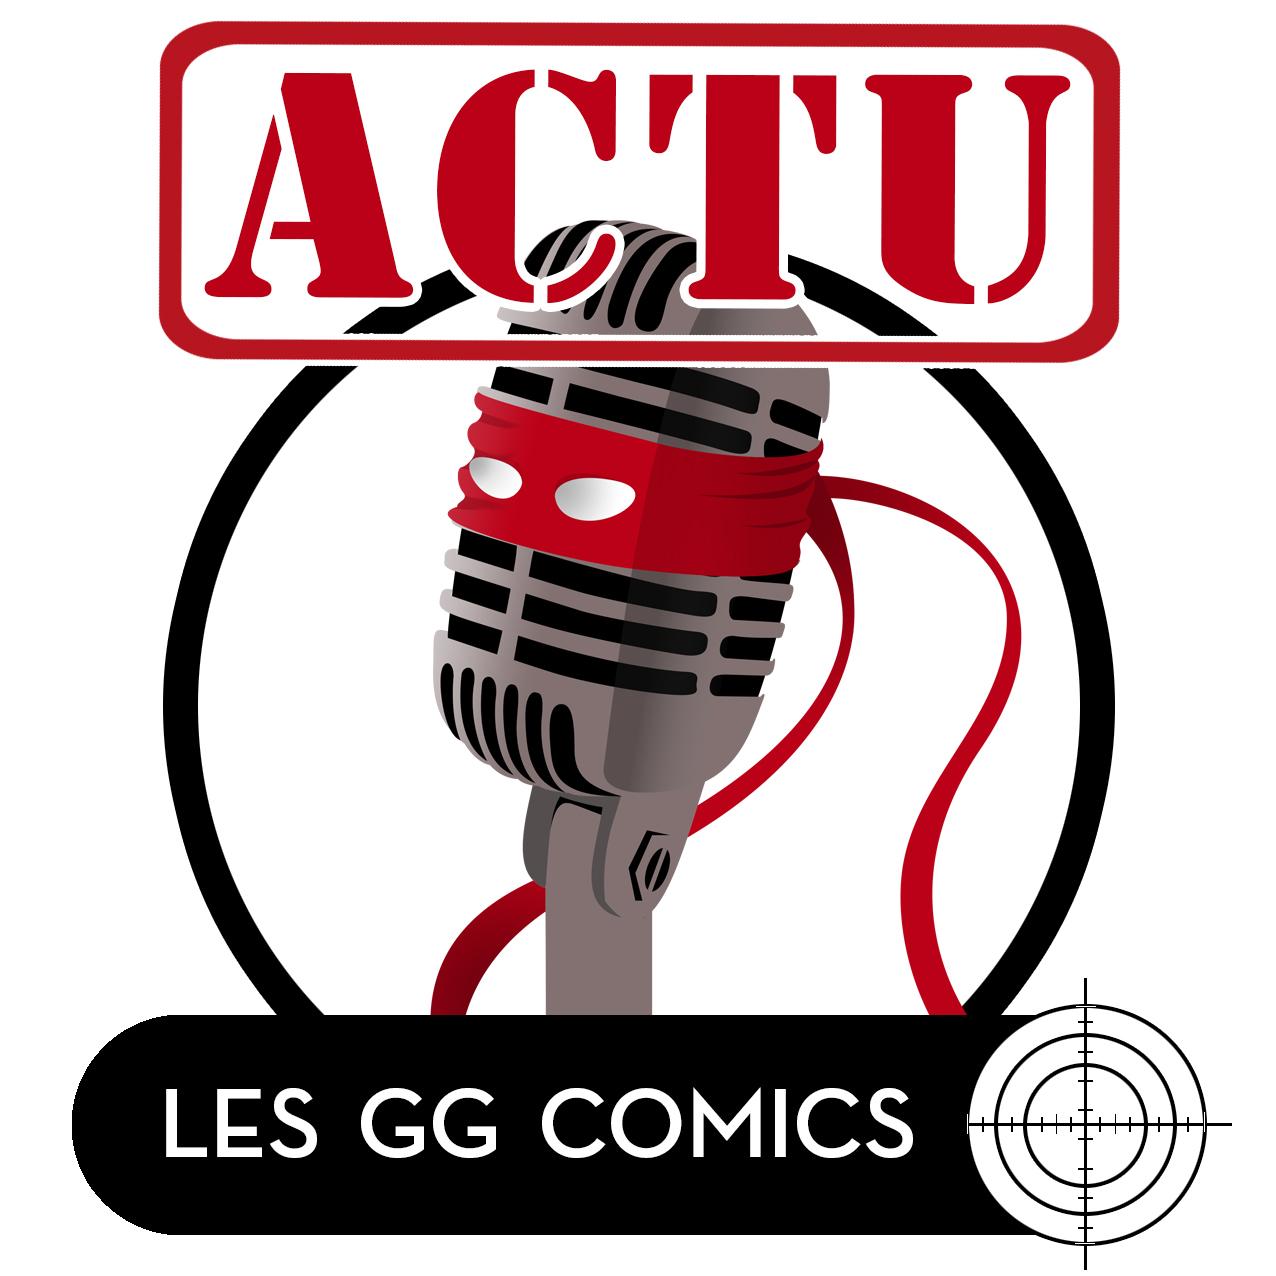 Les GG comics Actu #5 : La fraicheur coute cher...